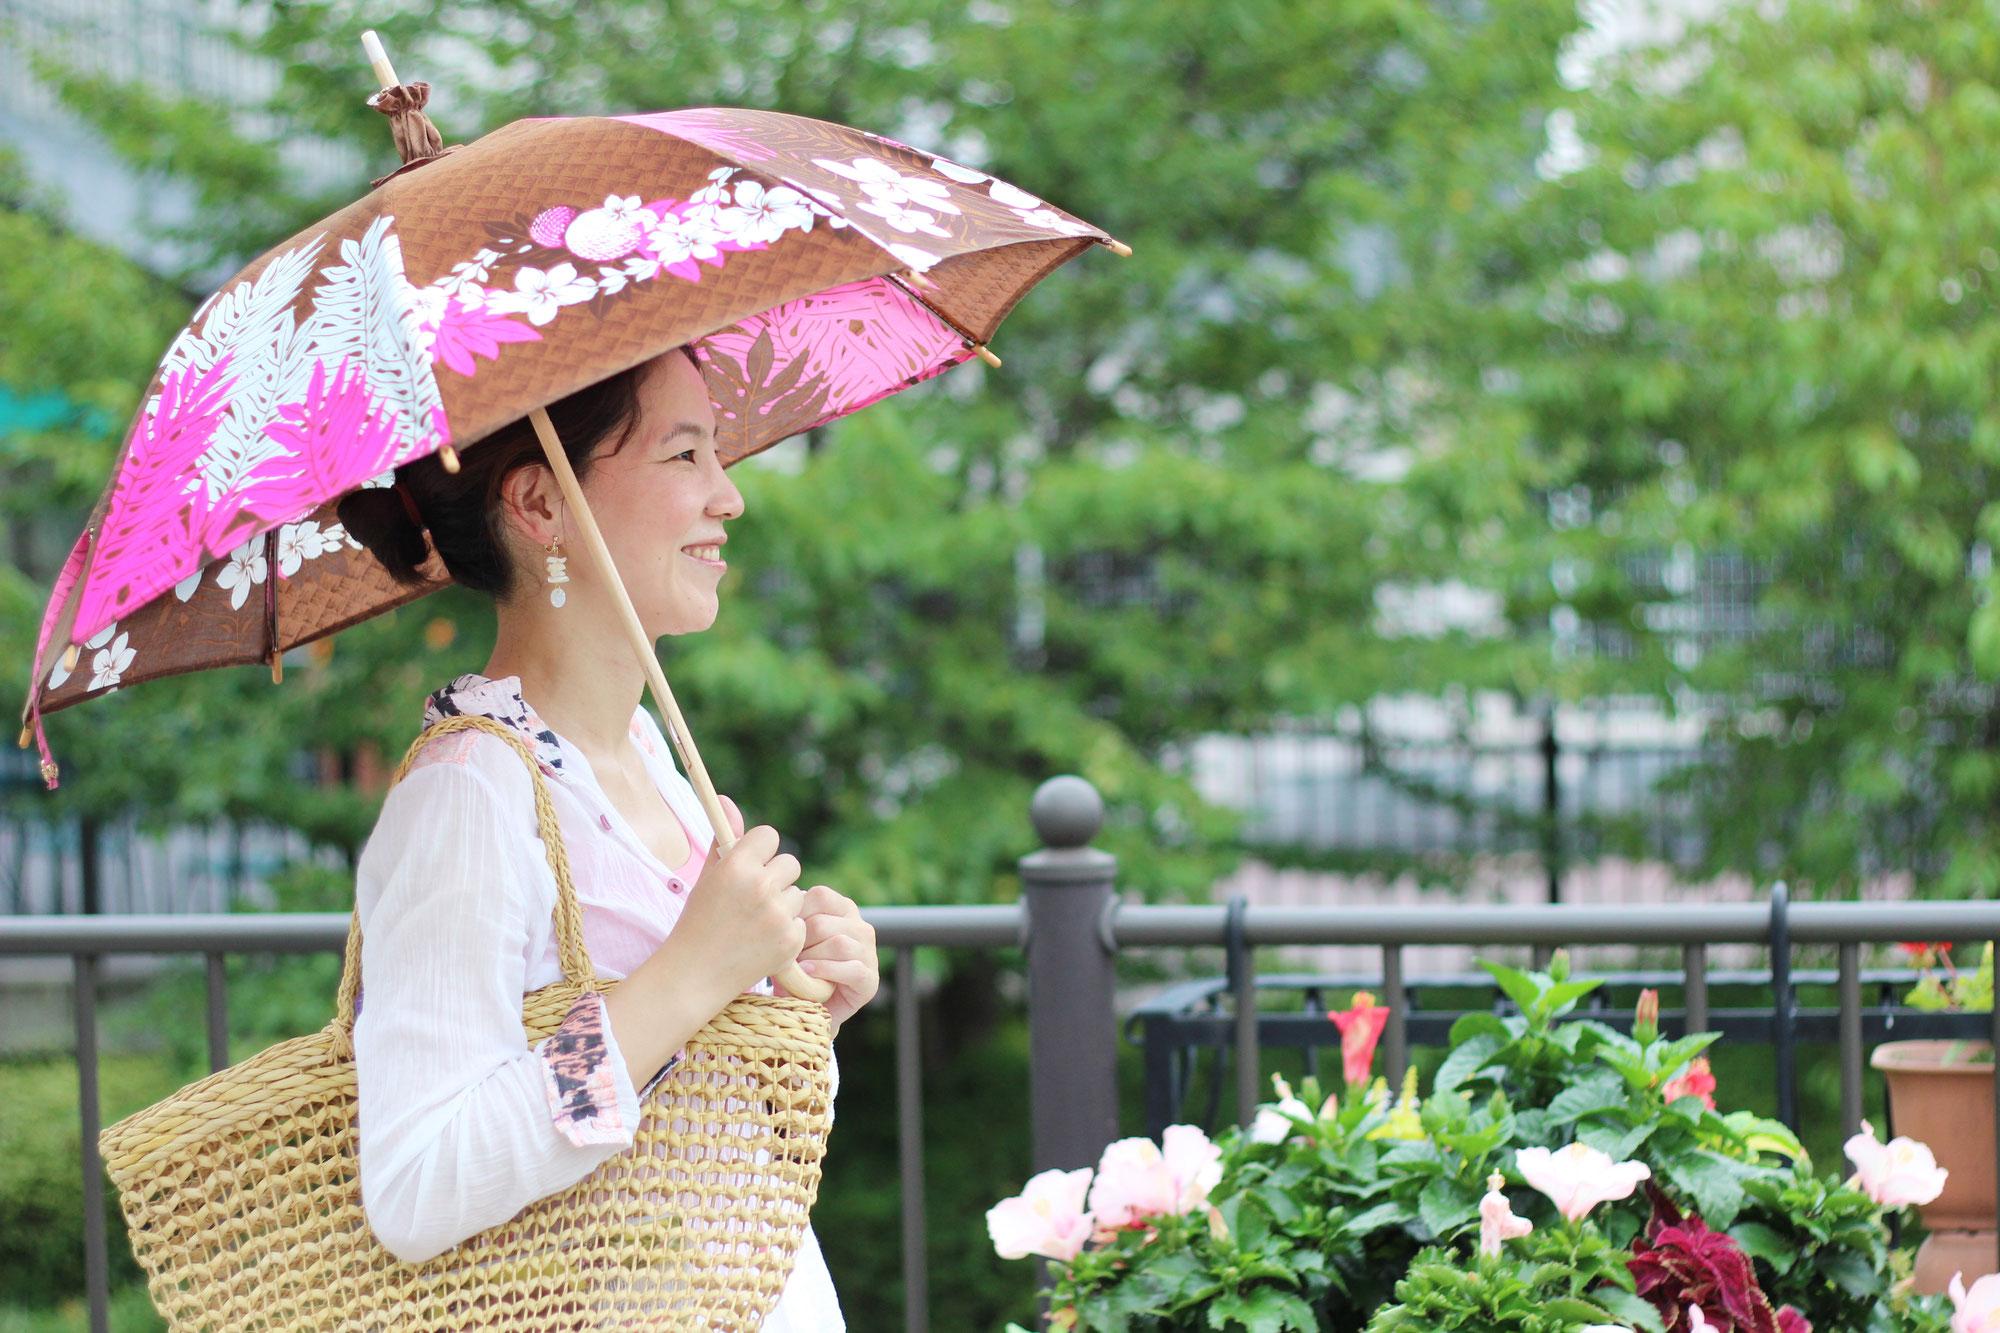 日傘シーズン到来。マスク着用による熱中症リスクは日傘で回避を!